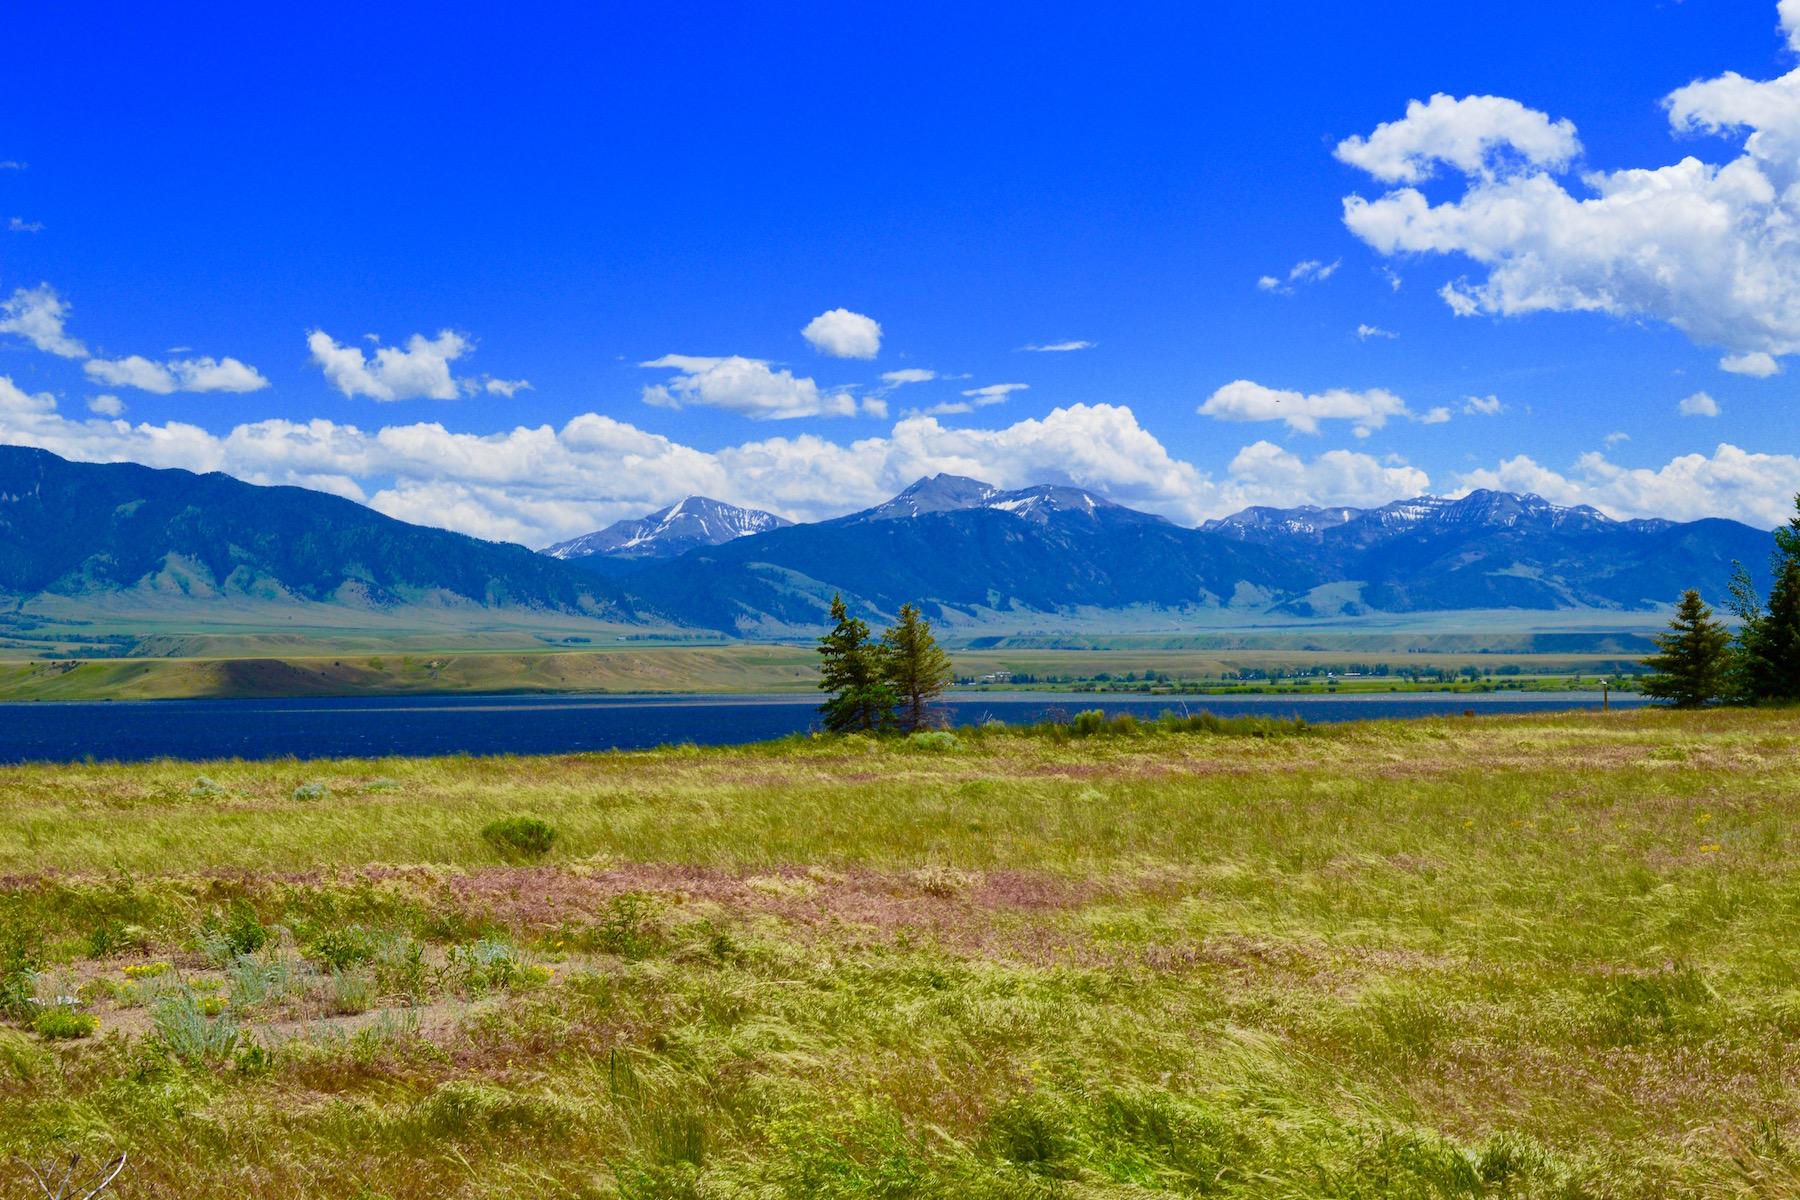 Terreno por un Venta en Rainbow Point Lot 5 Rainbow Point, Lot 5 Ennis, Montana, 59729 Estados Unidos